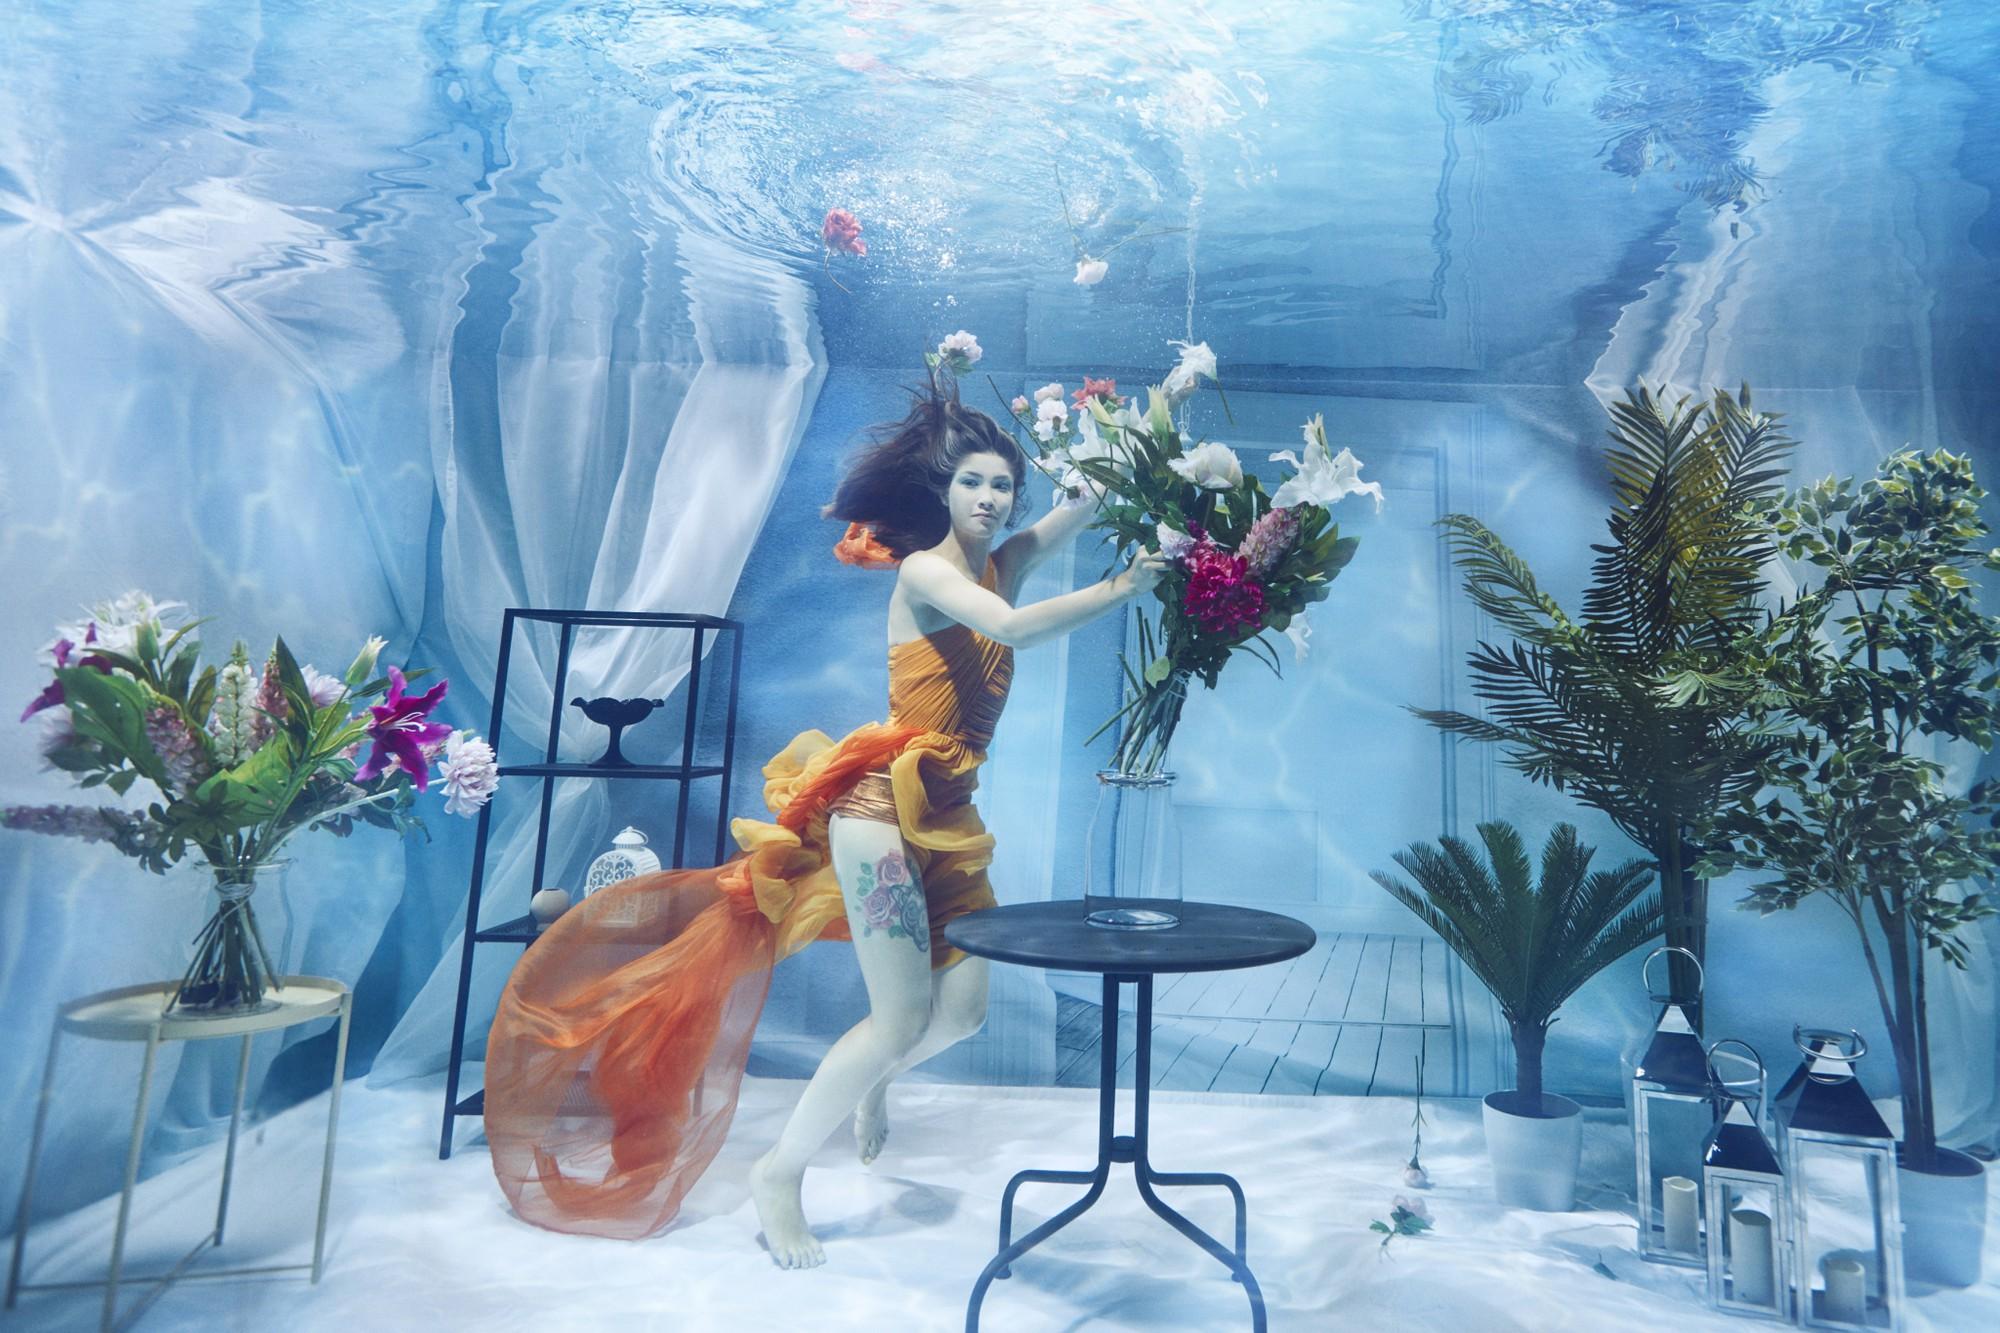 Chụp ảnh dưới nước, thí sinh Next Top Ba Lan không tránh khỏi biểu cảm trợn mắt như... chết trôi - Ảnh 3.